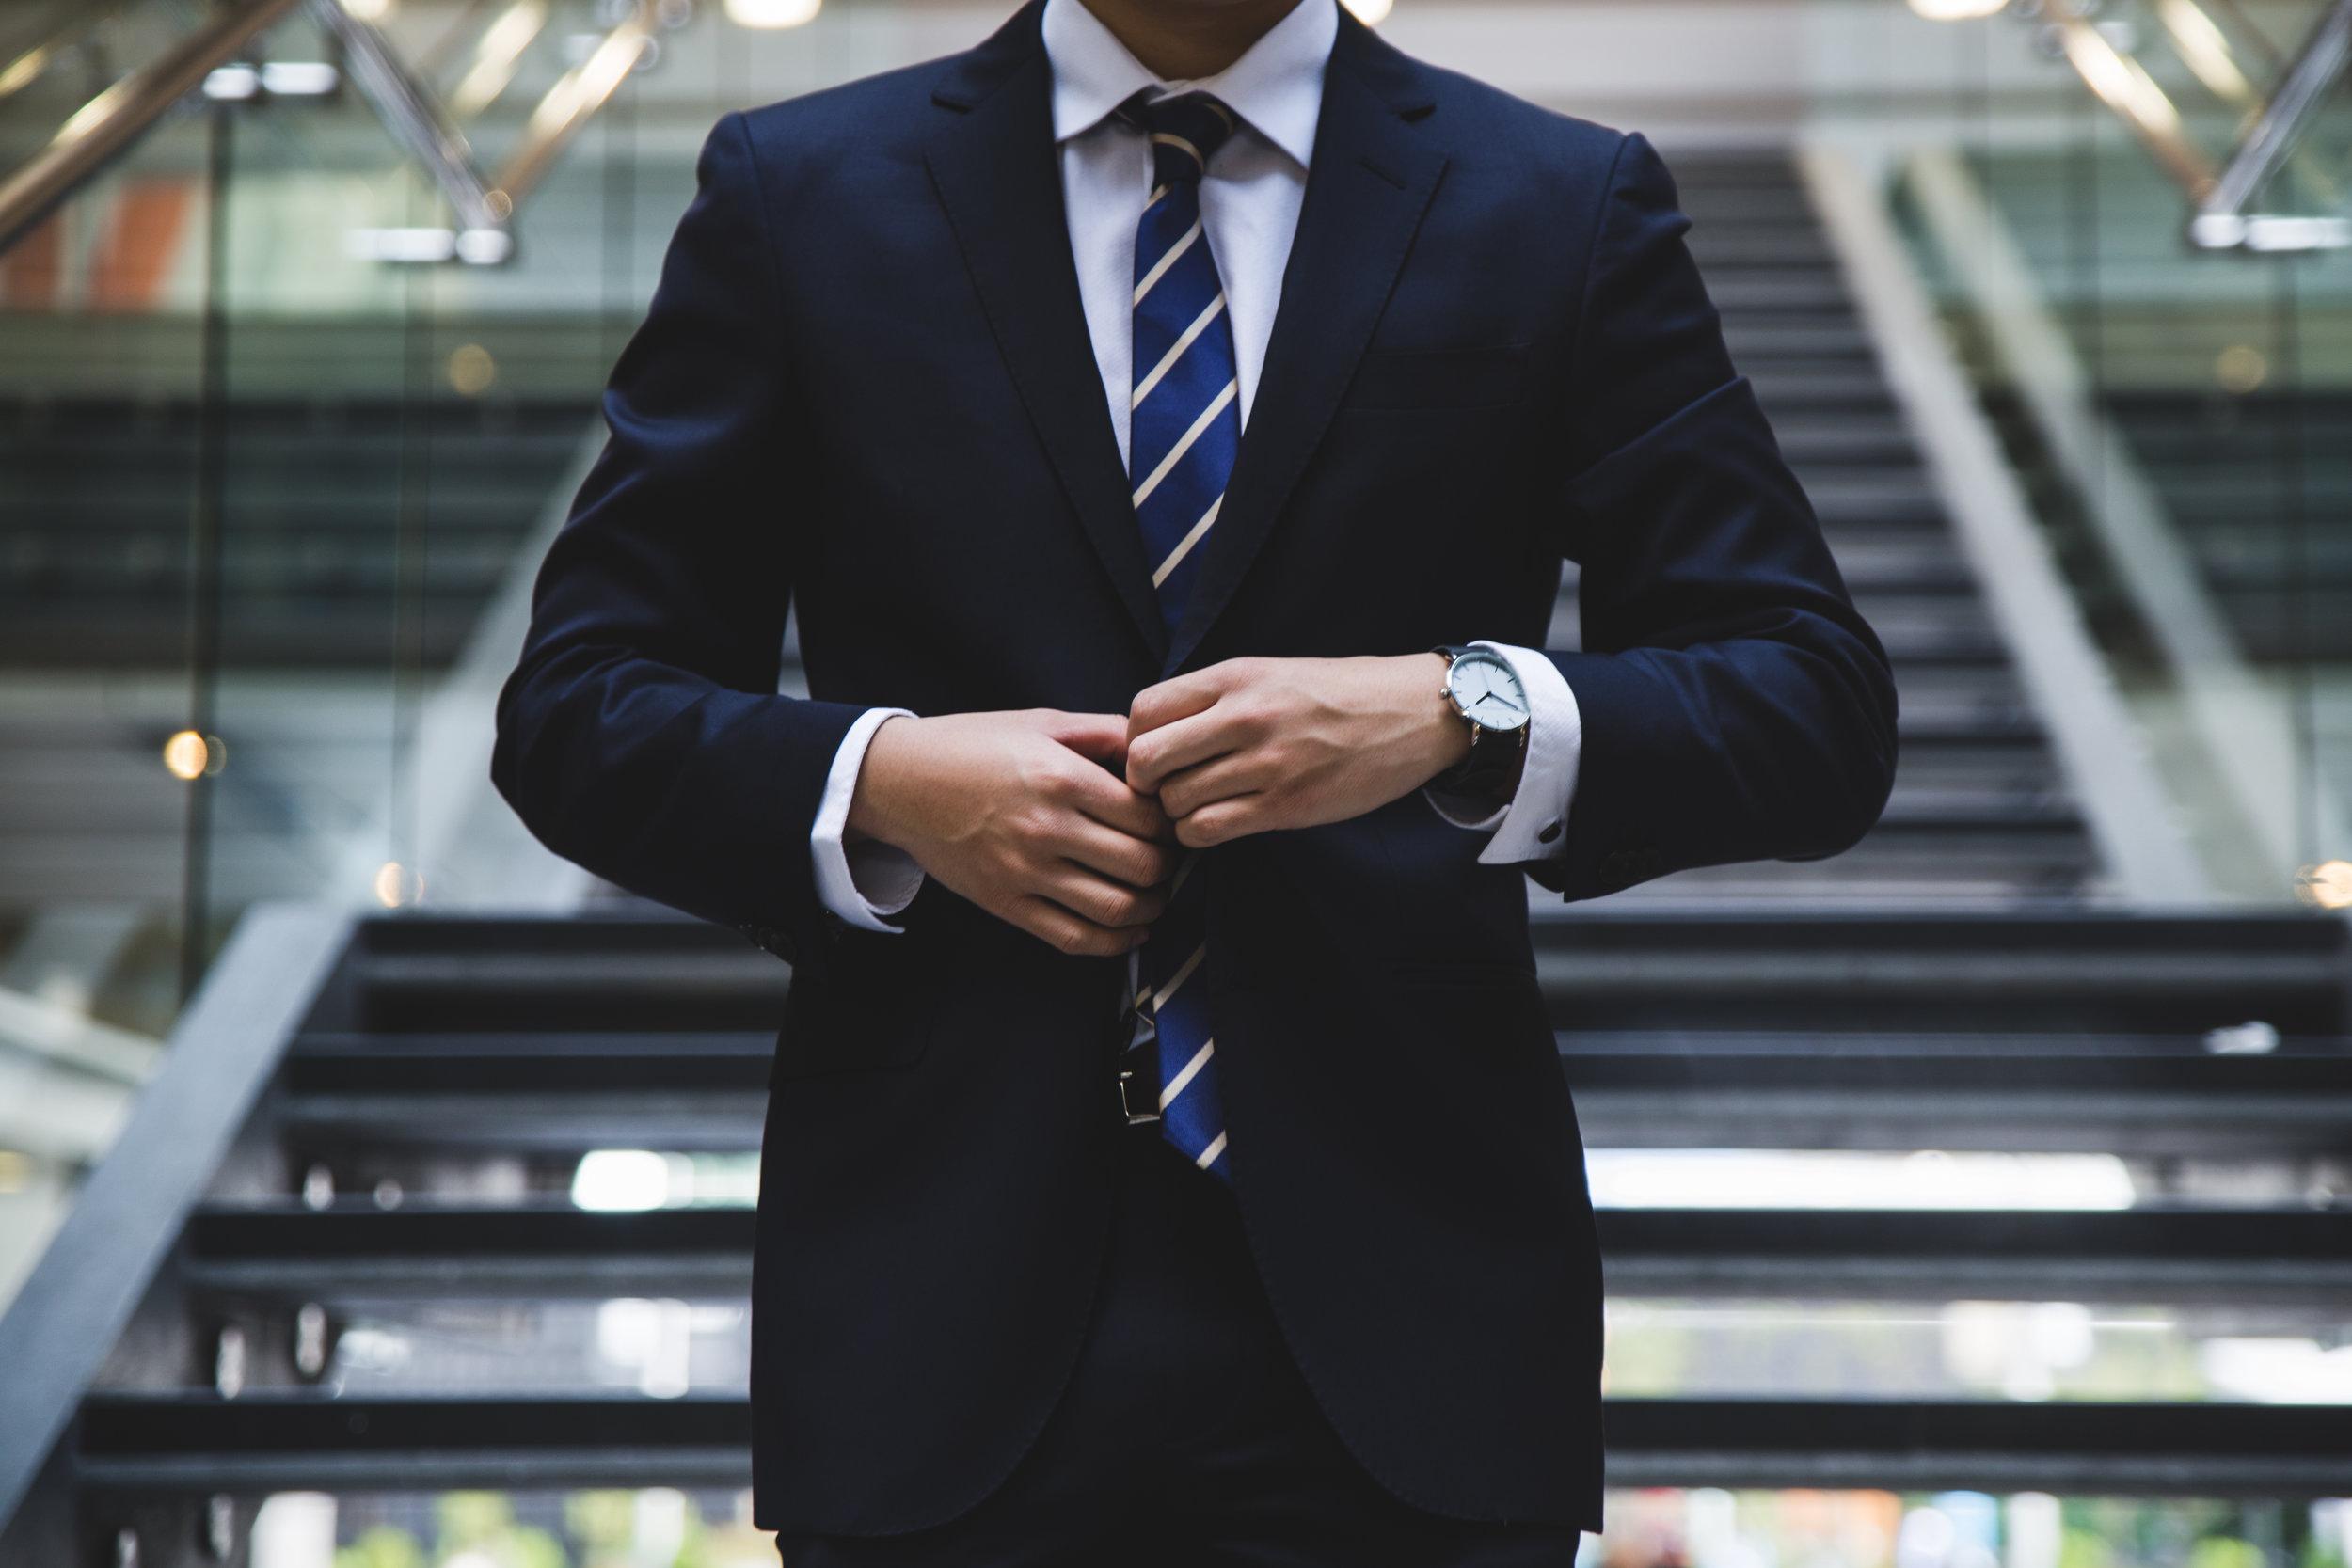 BOLAGSADMINISTRATÖR - Här kan du administrera ditt bolag, hålla styrelsemöten, göra optionsprogram, etc.